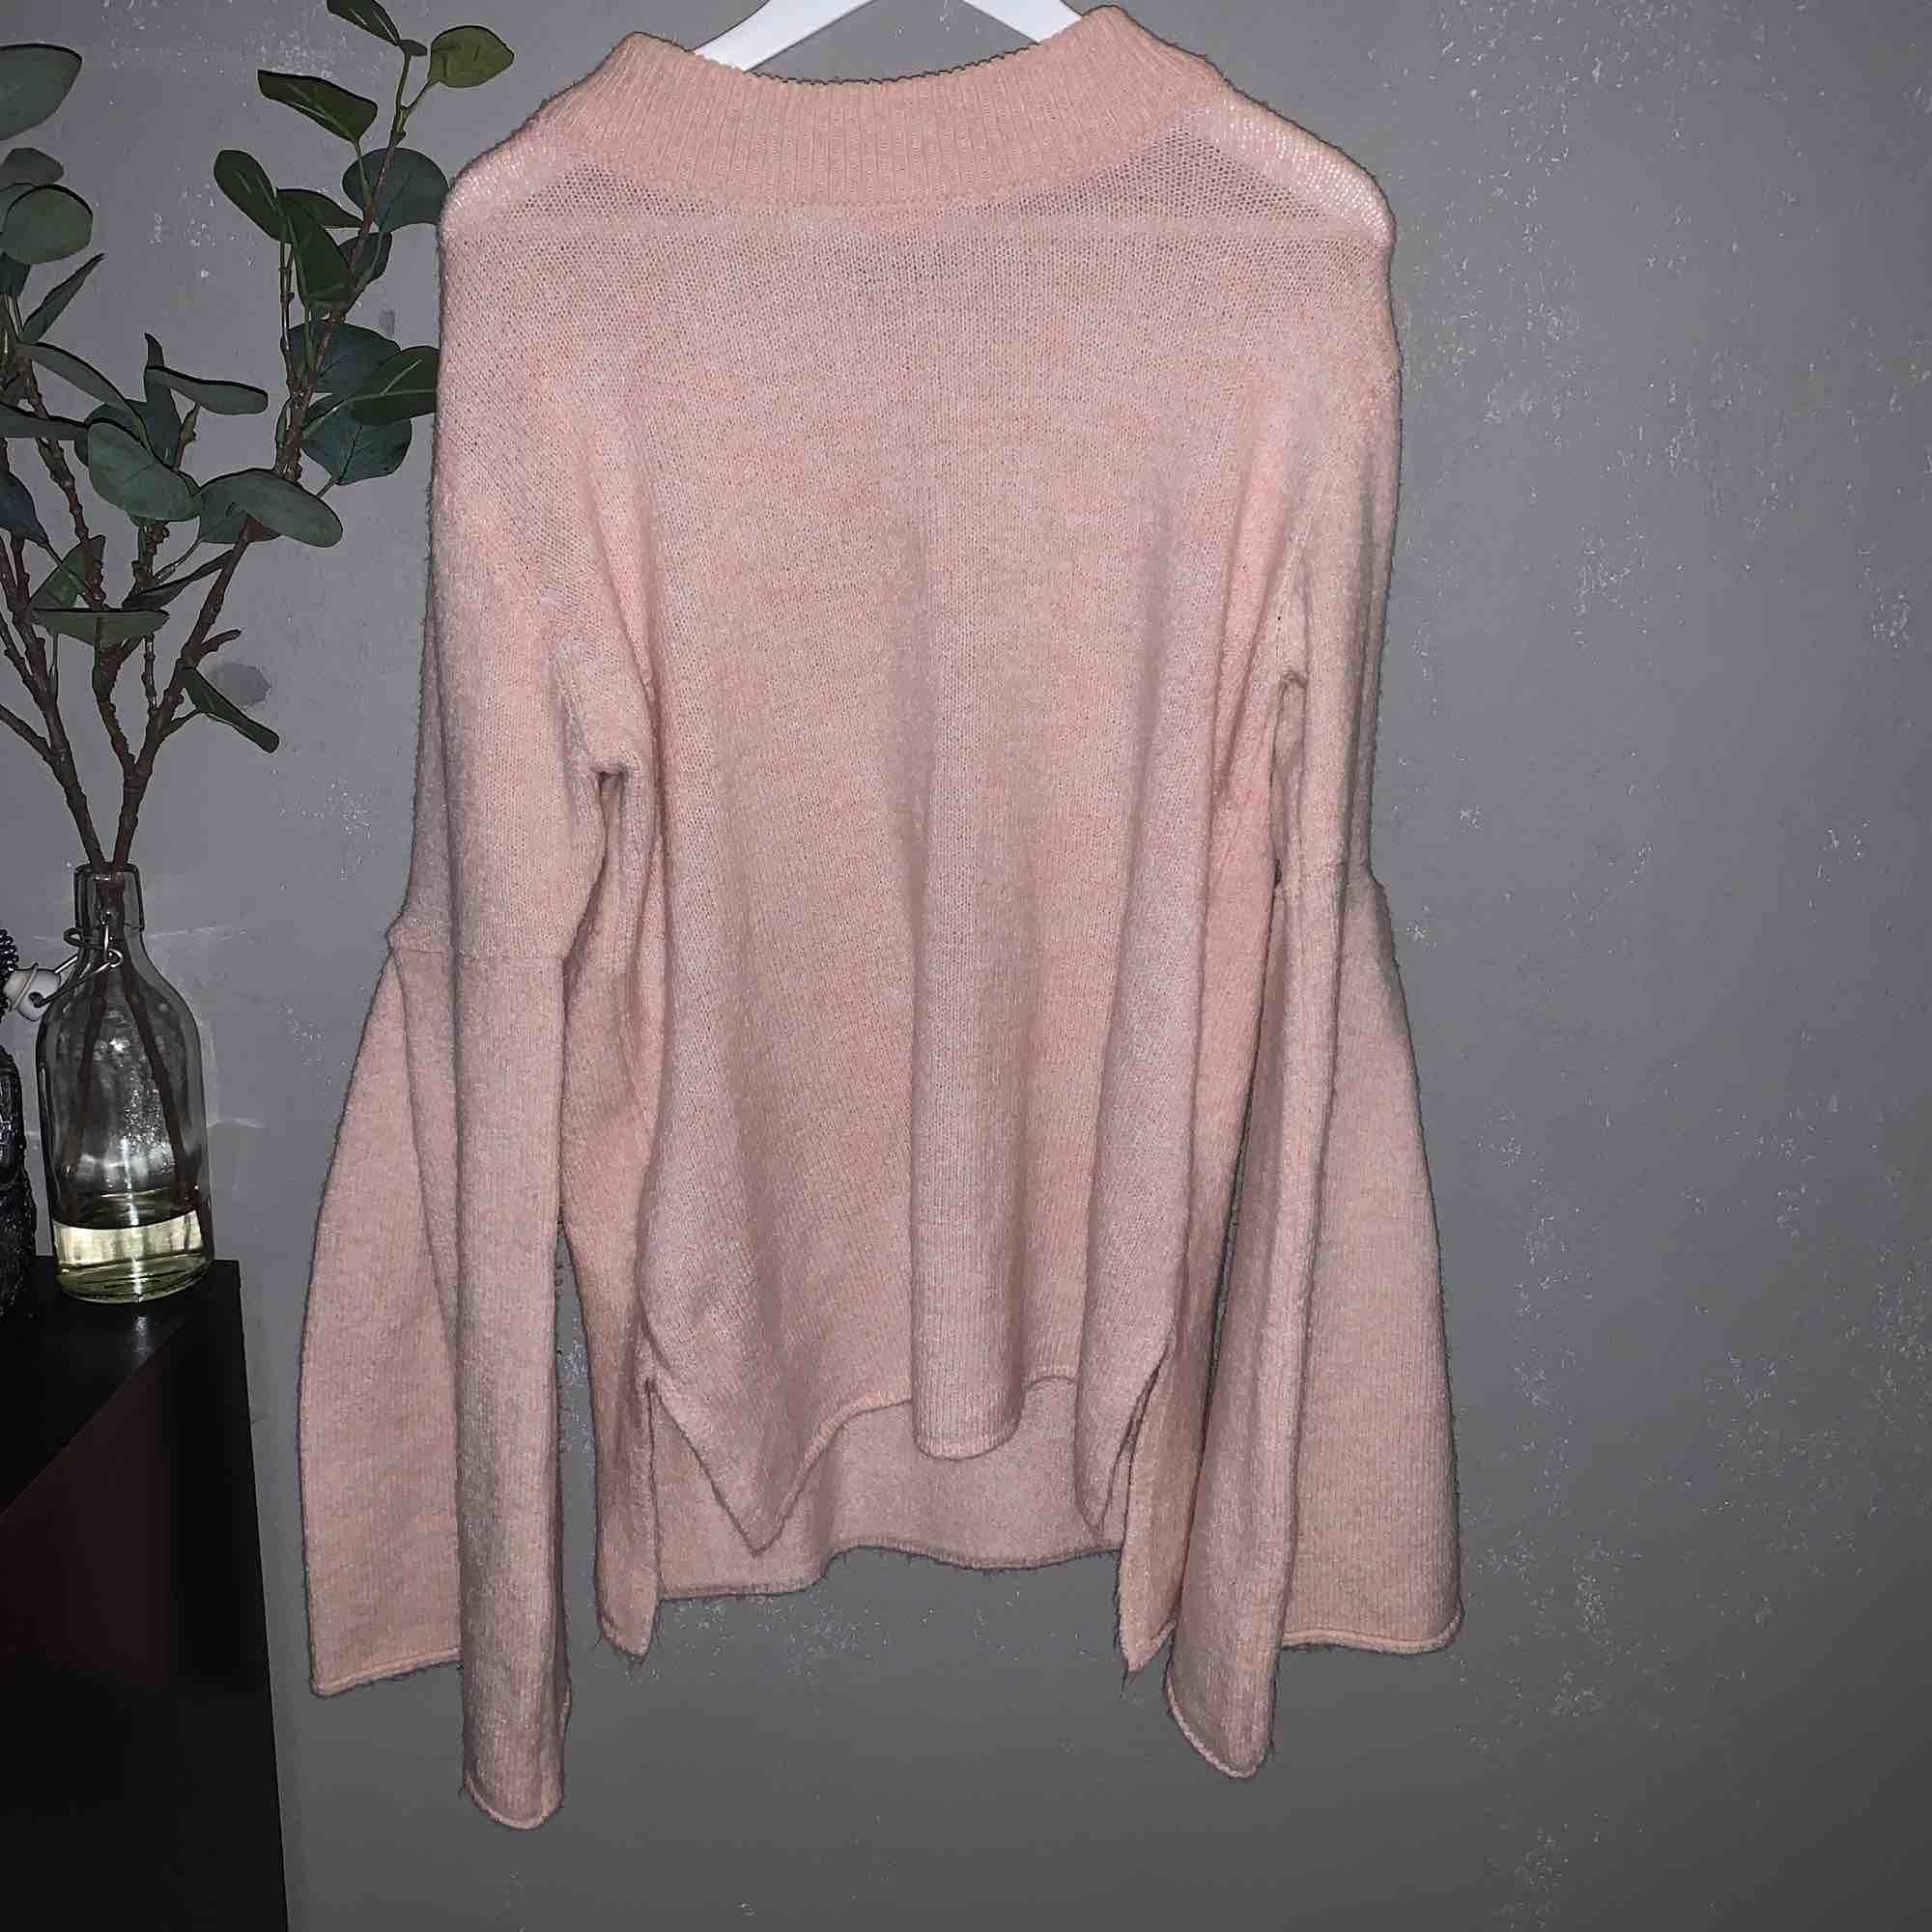 Super mysig och mjuk tröja från Gina. Vida ärmar och nästan aldrig använd ❣️ frakt tillkommer!. Stickat.